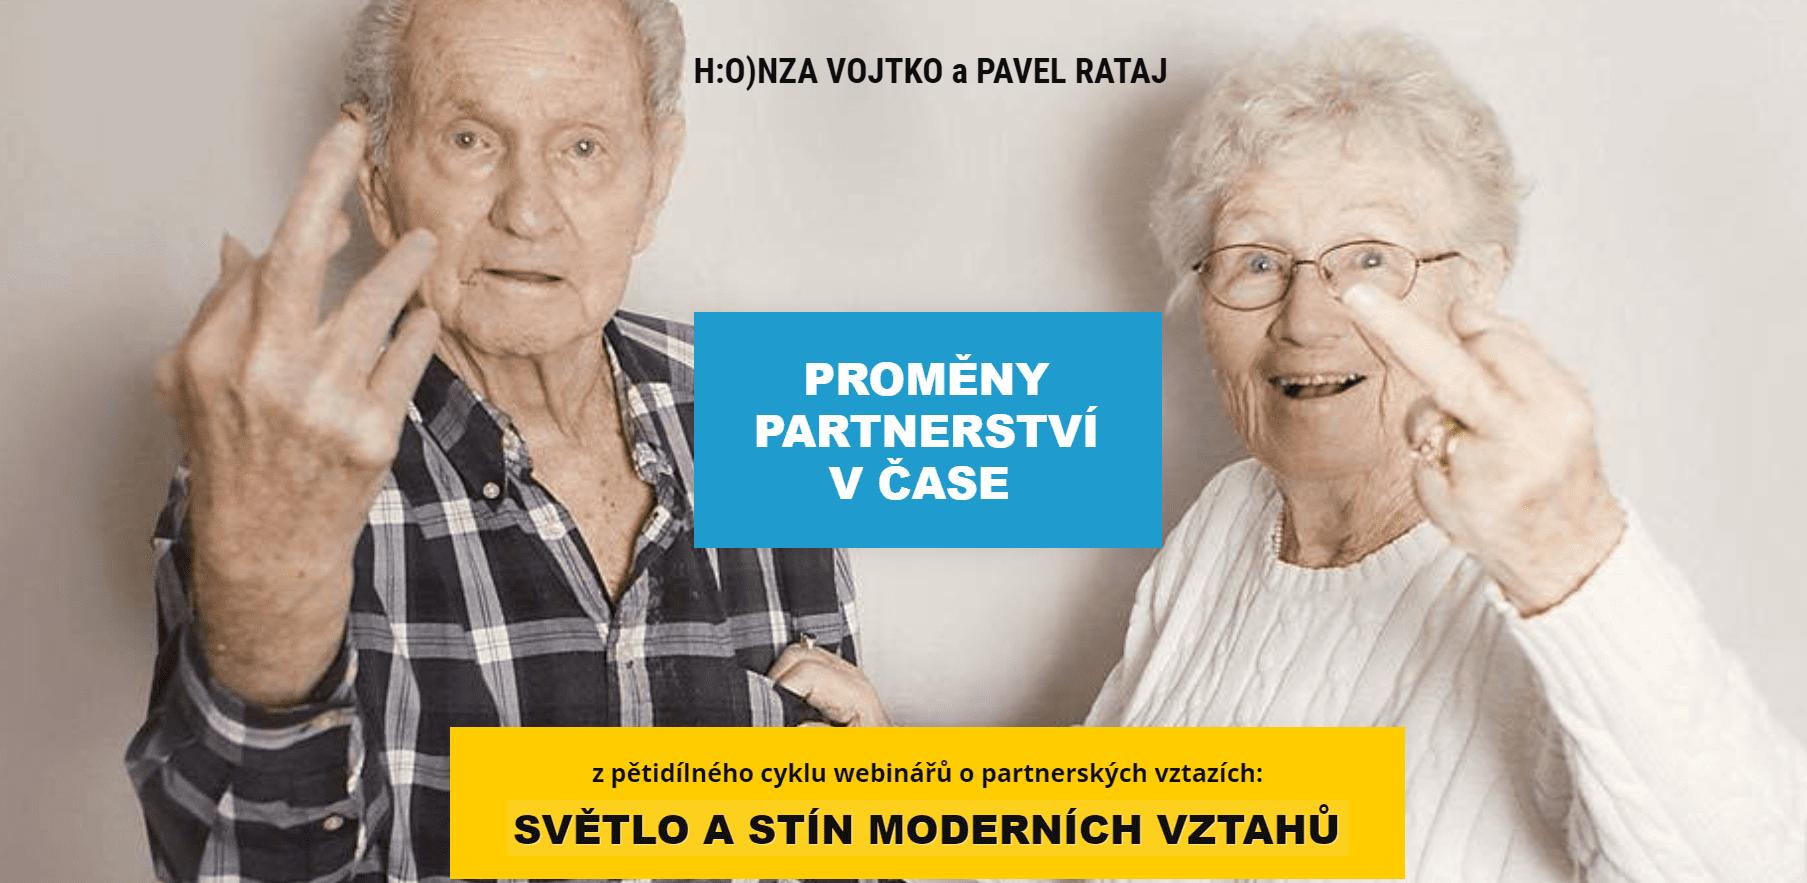 1. Proměny partnerství čitý - Pavel Rataj aHonza Vojtko